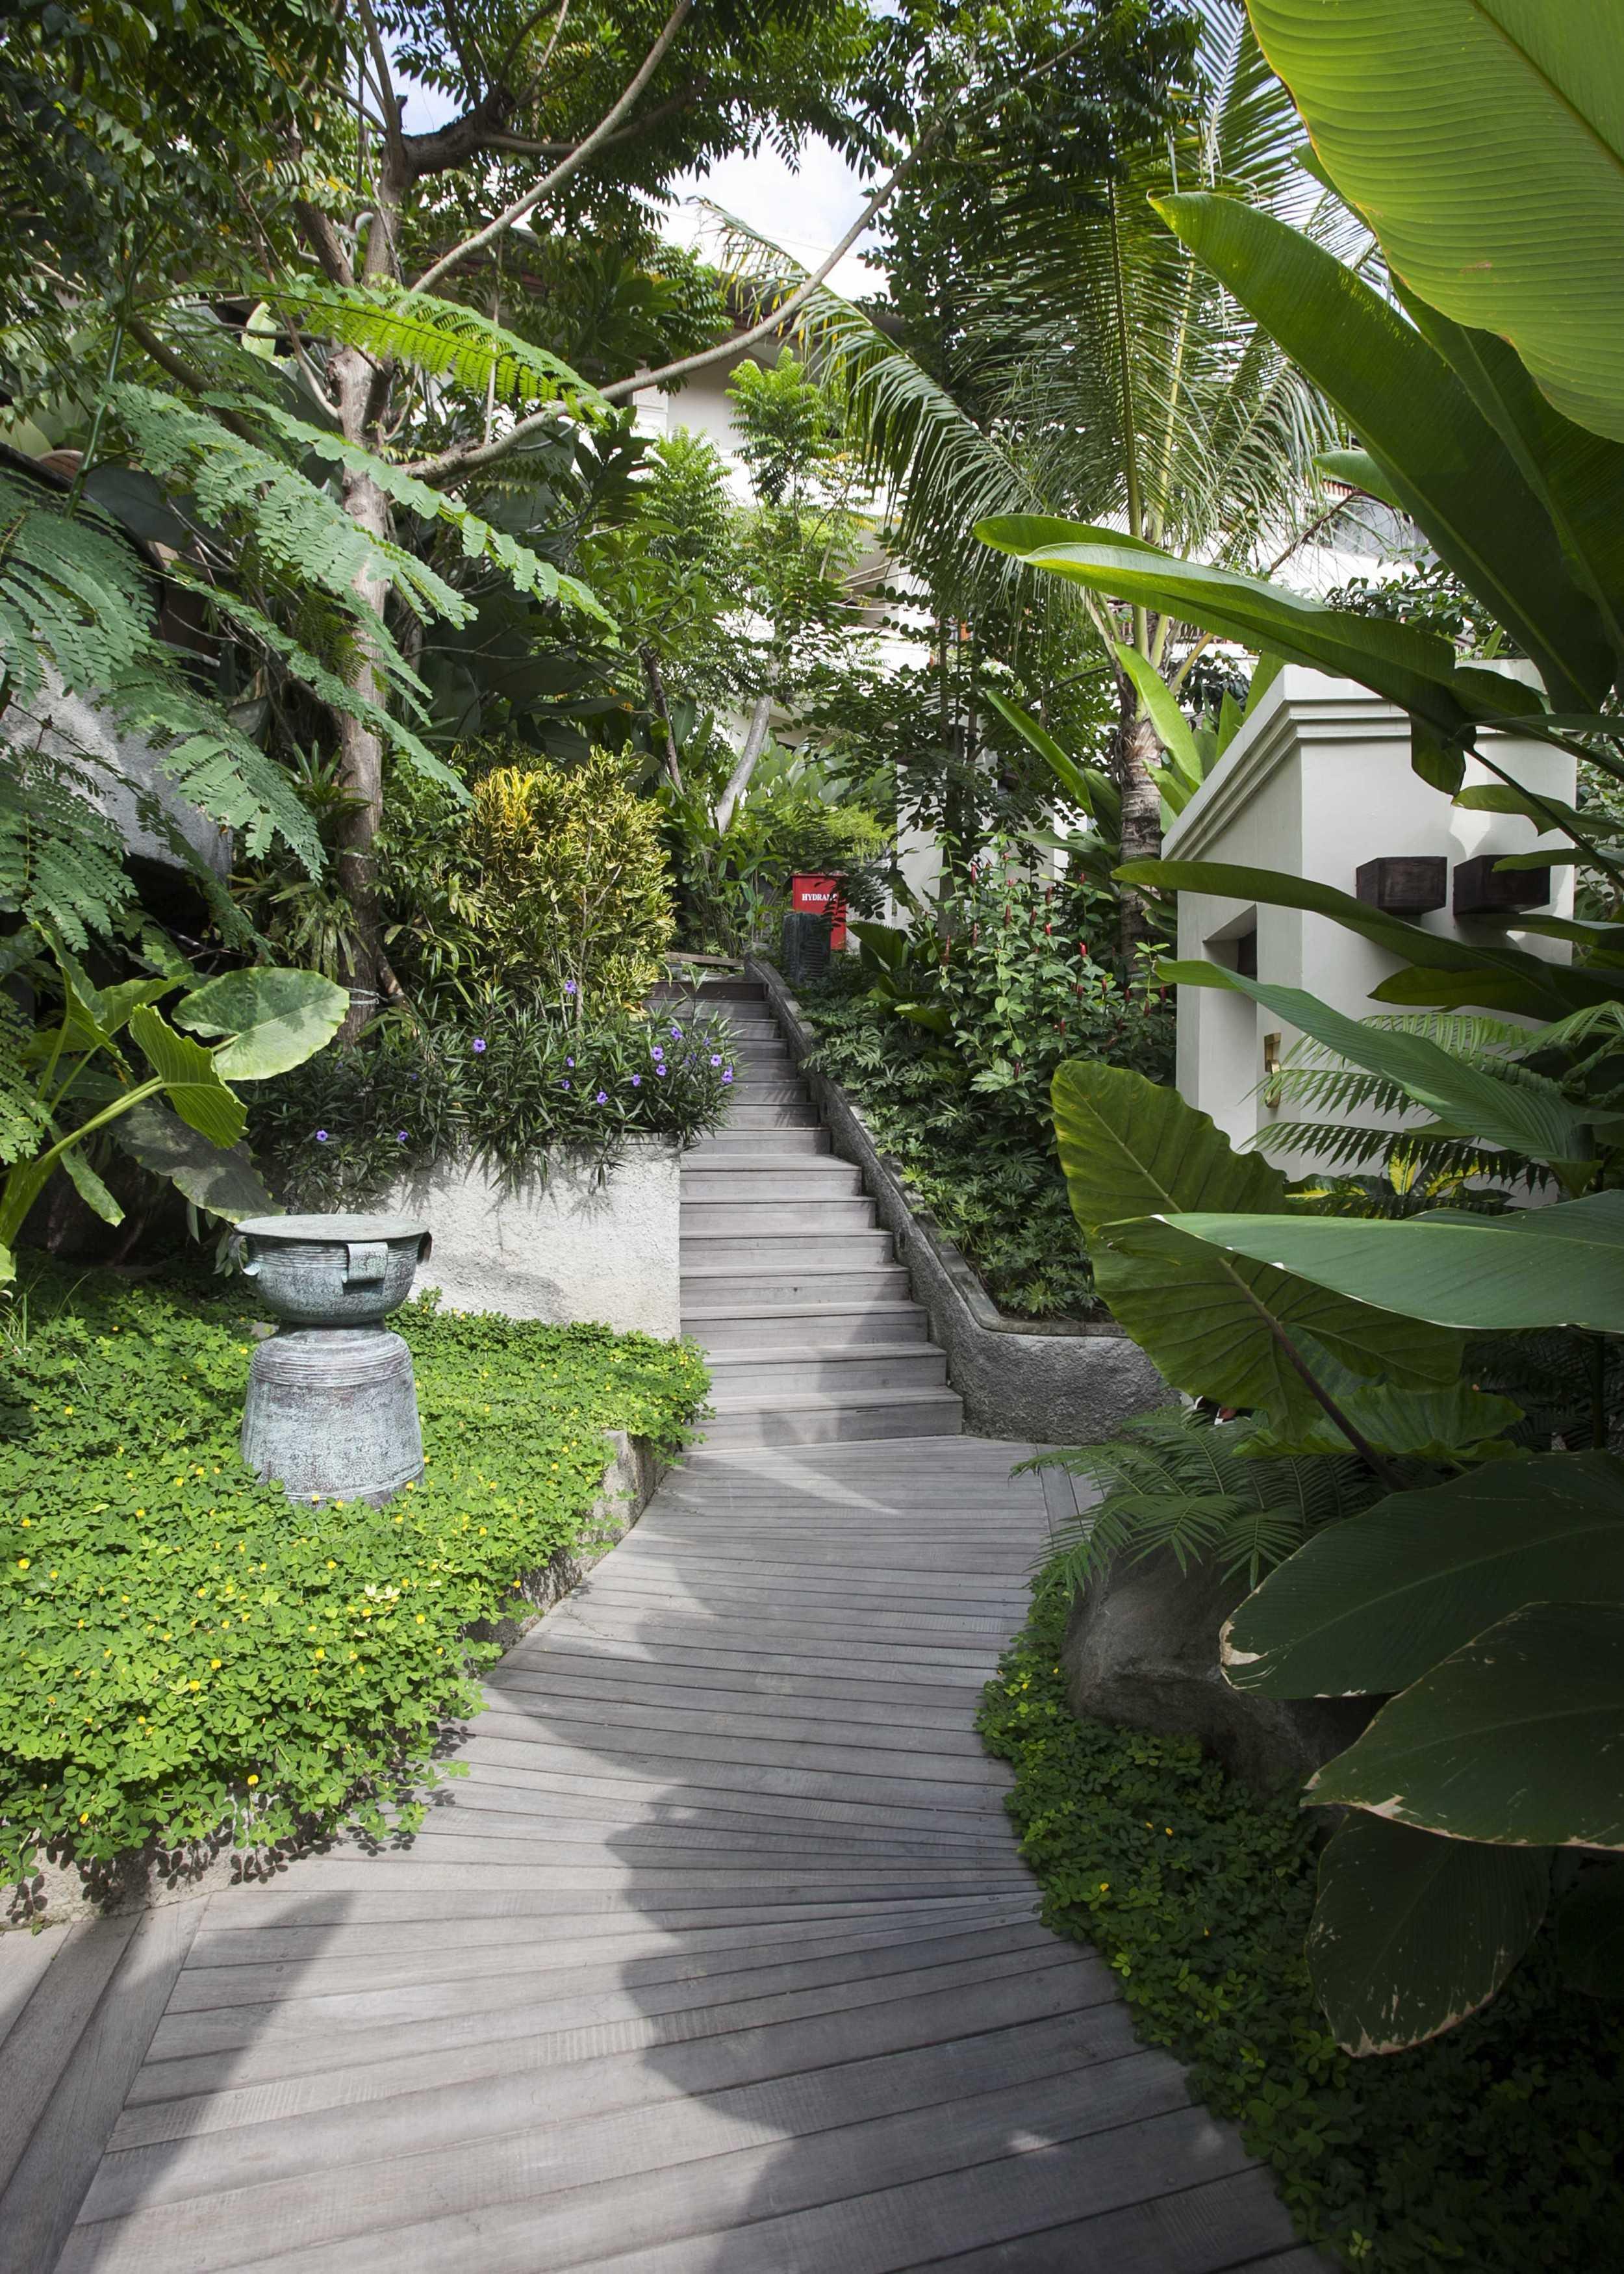 Shl Asia Tanadewa Resort & Spa Ubud Kabupaten Gianyar, Bali, Indonesia Kabupaten Gianyar, Bali, Indonesia Shl-Asia-Tanadewa-Resort-Spa-Ubud   81087